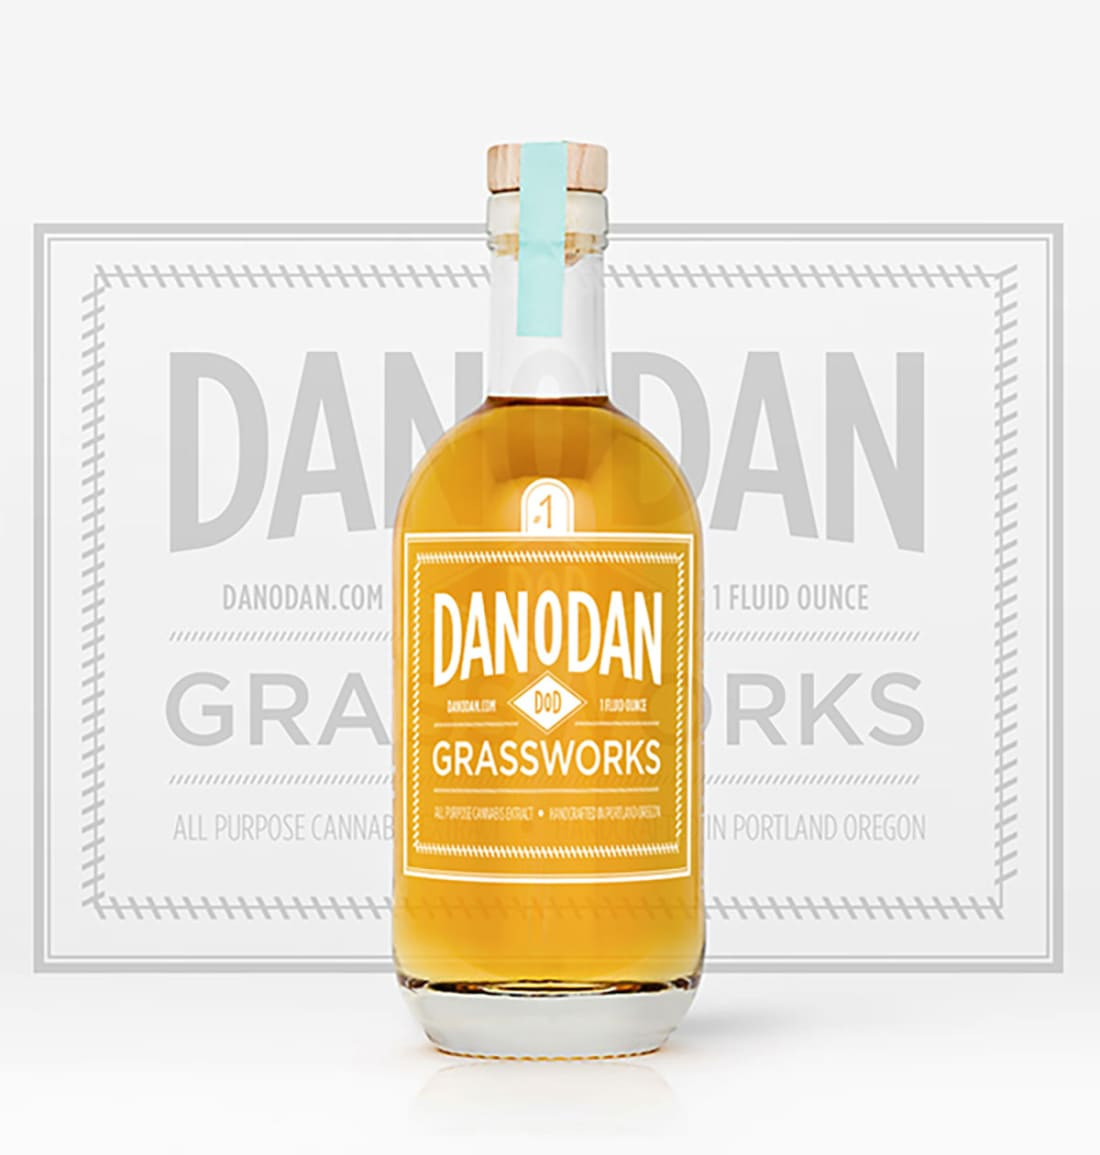 DANoDAN by Todd Quackenbush